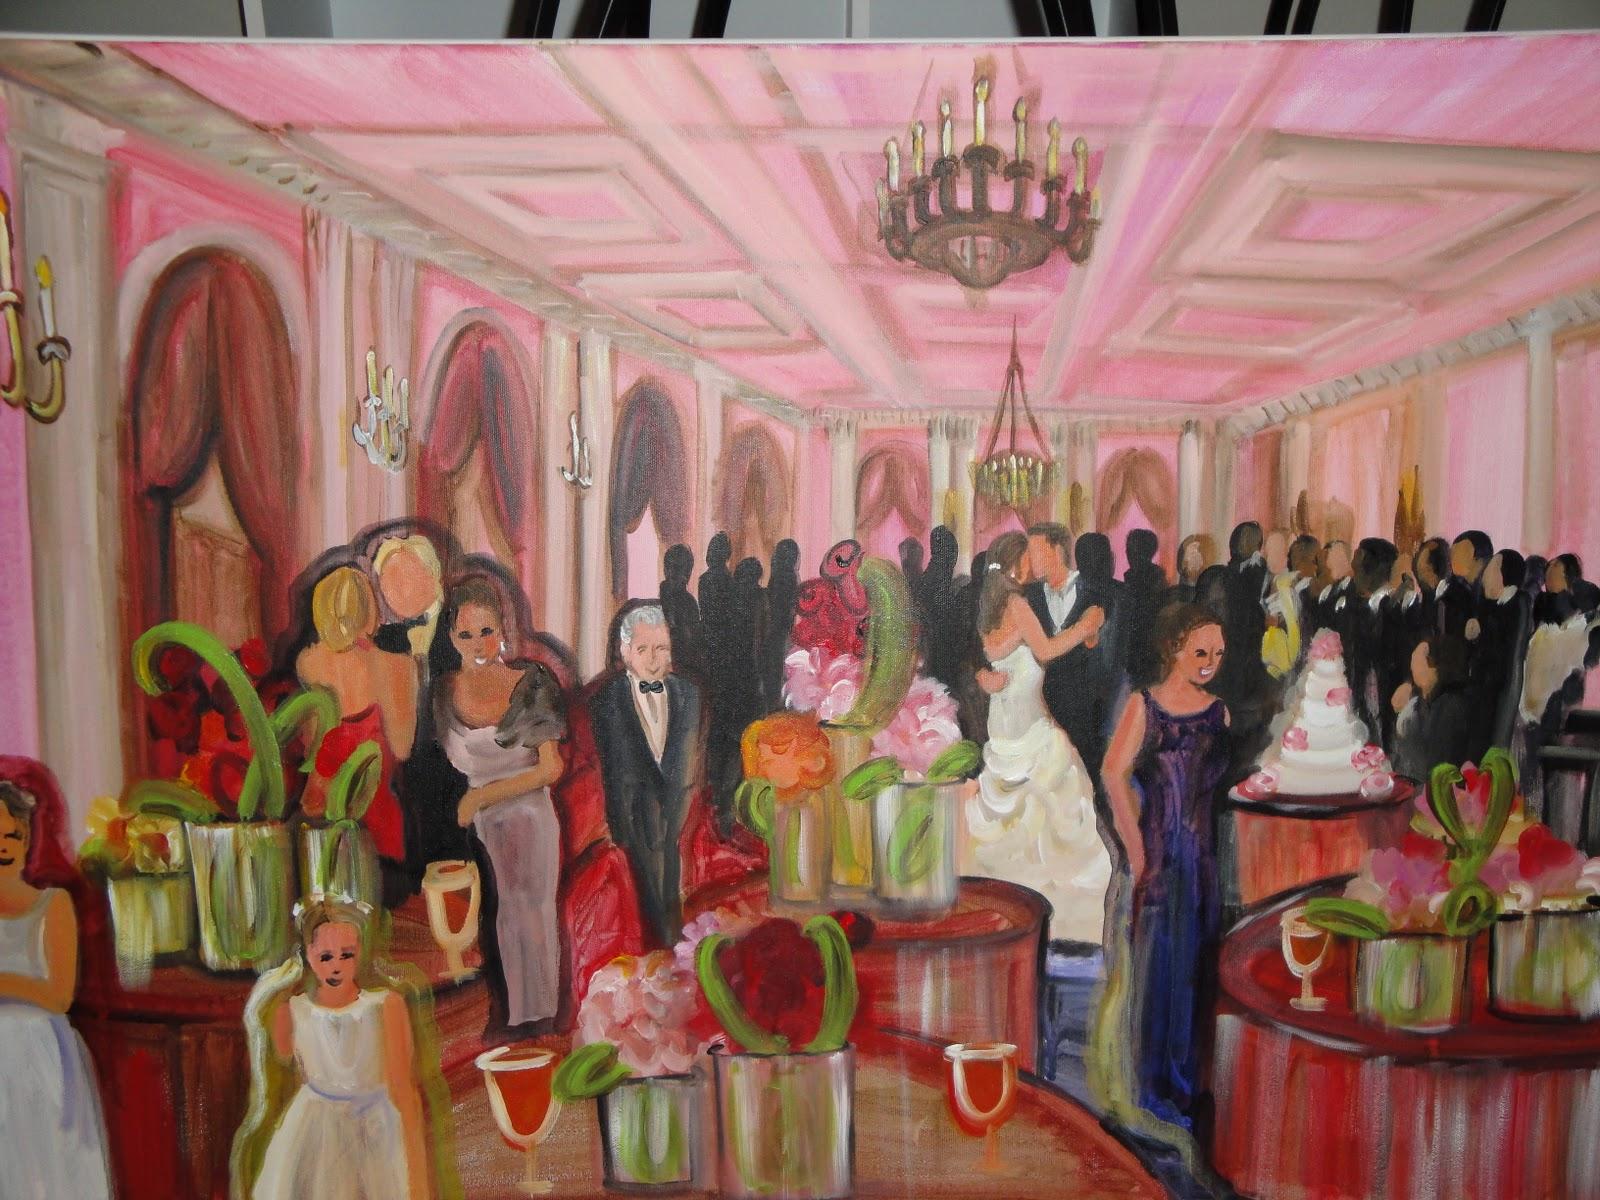 Temple emanuel closter nj wedding